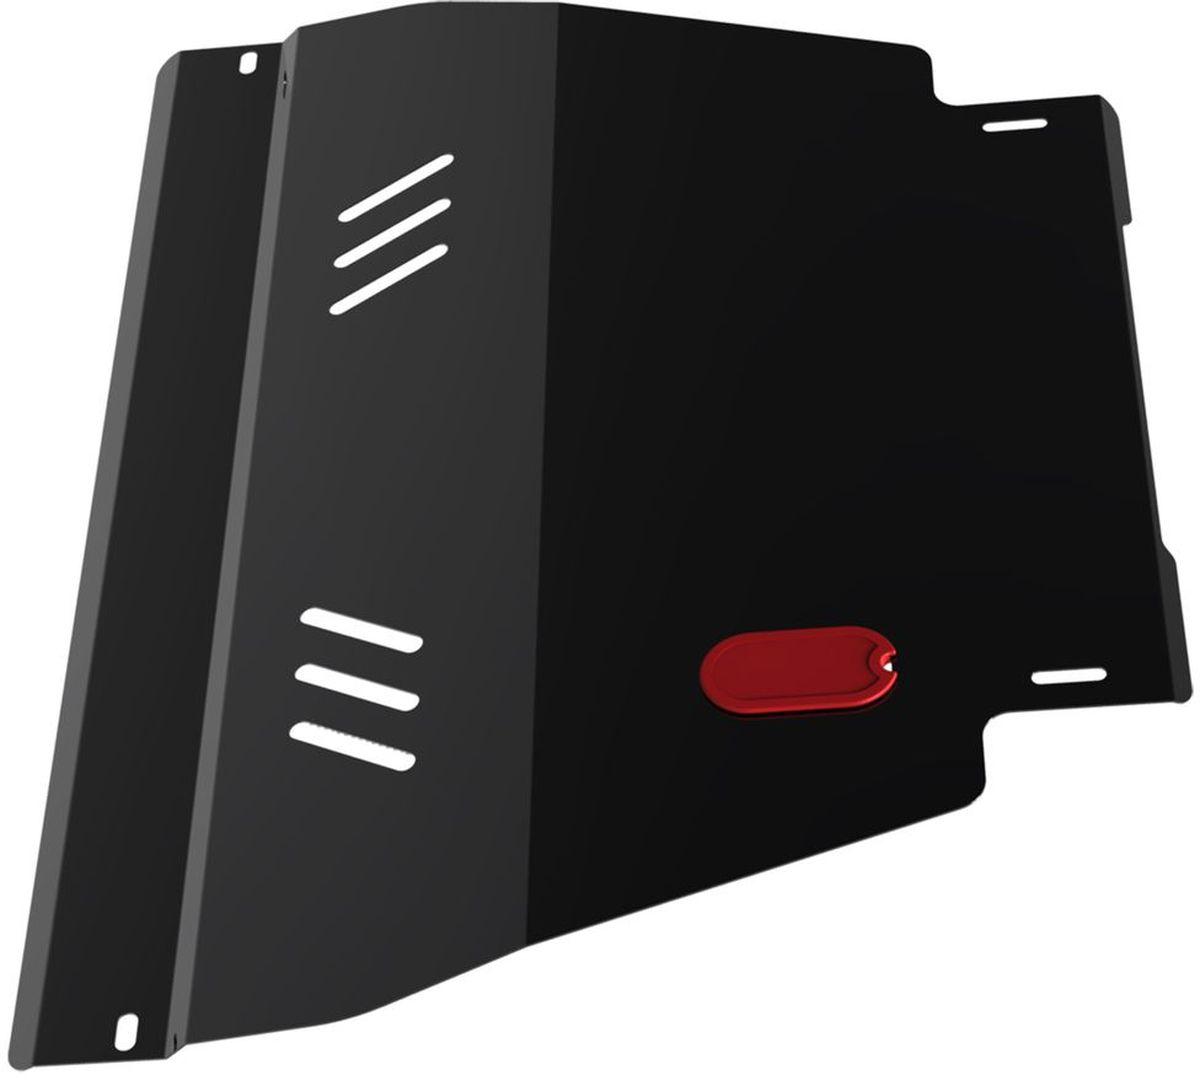 Защита картера и КПП Автоброня, для Nissan Ad Van/Almera N15/Primera P11/Sunny B14/Wingroad. 111.04129.1111.04129.1Технологически совершенный продукт за невысокую стоимость. Защита разработана с учетом особенностей днища автомобиля, что позволяет сохранить дорожный просвет с минимальным изменением. Защита устанавливается в штатные места кузова автомобиля. Глубокий штамп обеспечивает до двух раз больше жесткости в сравнении с обычной защитой той же толщины. Проштампованные ребра жесткости препятствуют деформации защиты при ударах. Тепловой зазор и вентиляционные отверстия обеспечивают сохранение температурного режима двигателя в норме. Скрытый крепеж предотвращает срыв крепежных элементов при наезде на препятствие. Шумопоглощающие резиновые элементы обеспечивают комфортную езду без вибраций и скрежета металла, а съемные лючки для слива масла и замены фильтра - экономию средств и время. Конструкция изделия не влияет на пассивную безопасность автомобиля (при ударе защита не воздействует на деформационные зоны кузова). Со штатным крепежом. В комплекте инструкция по...